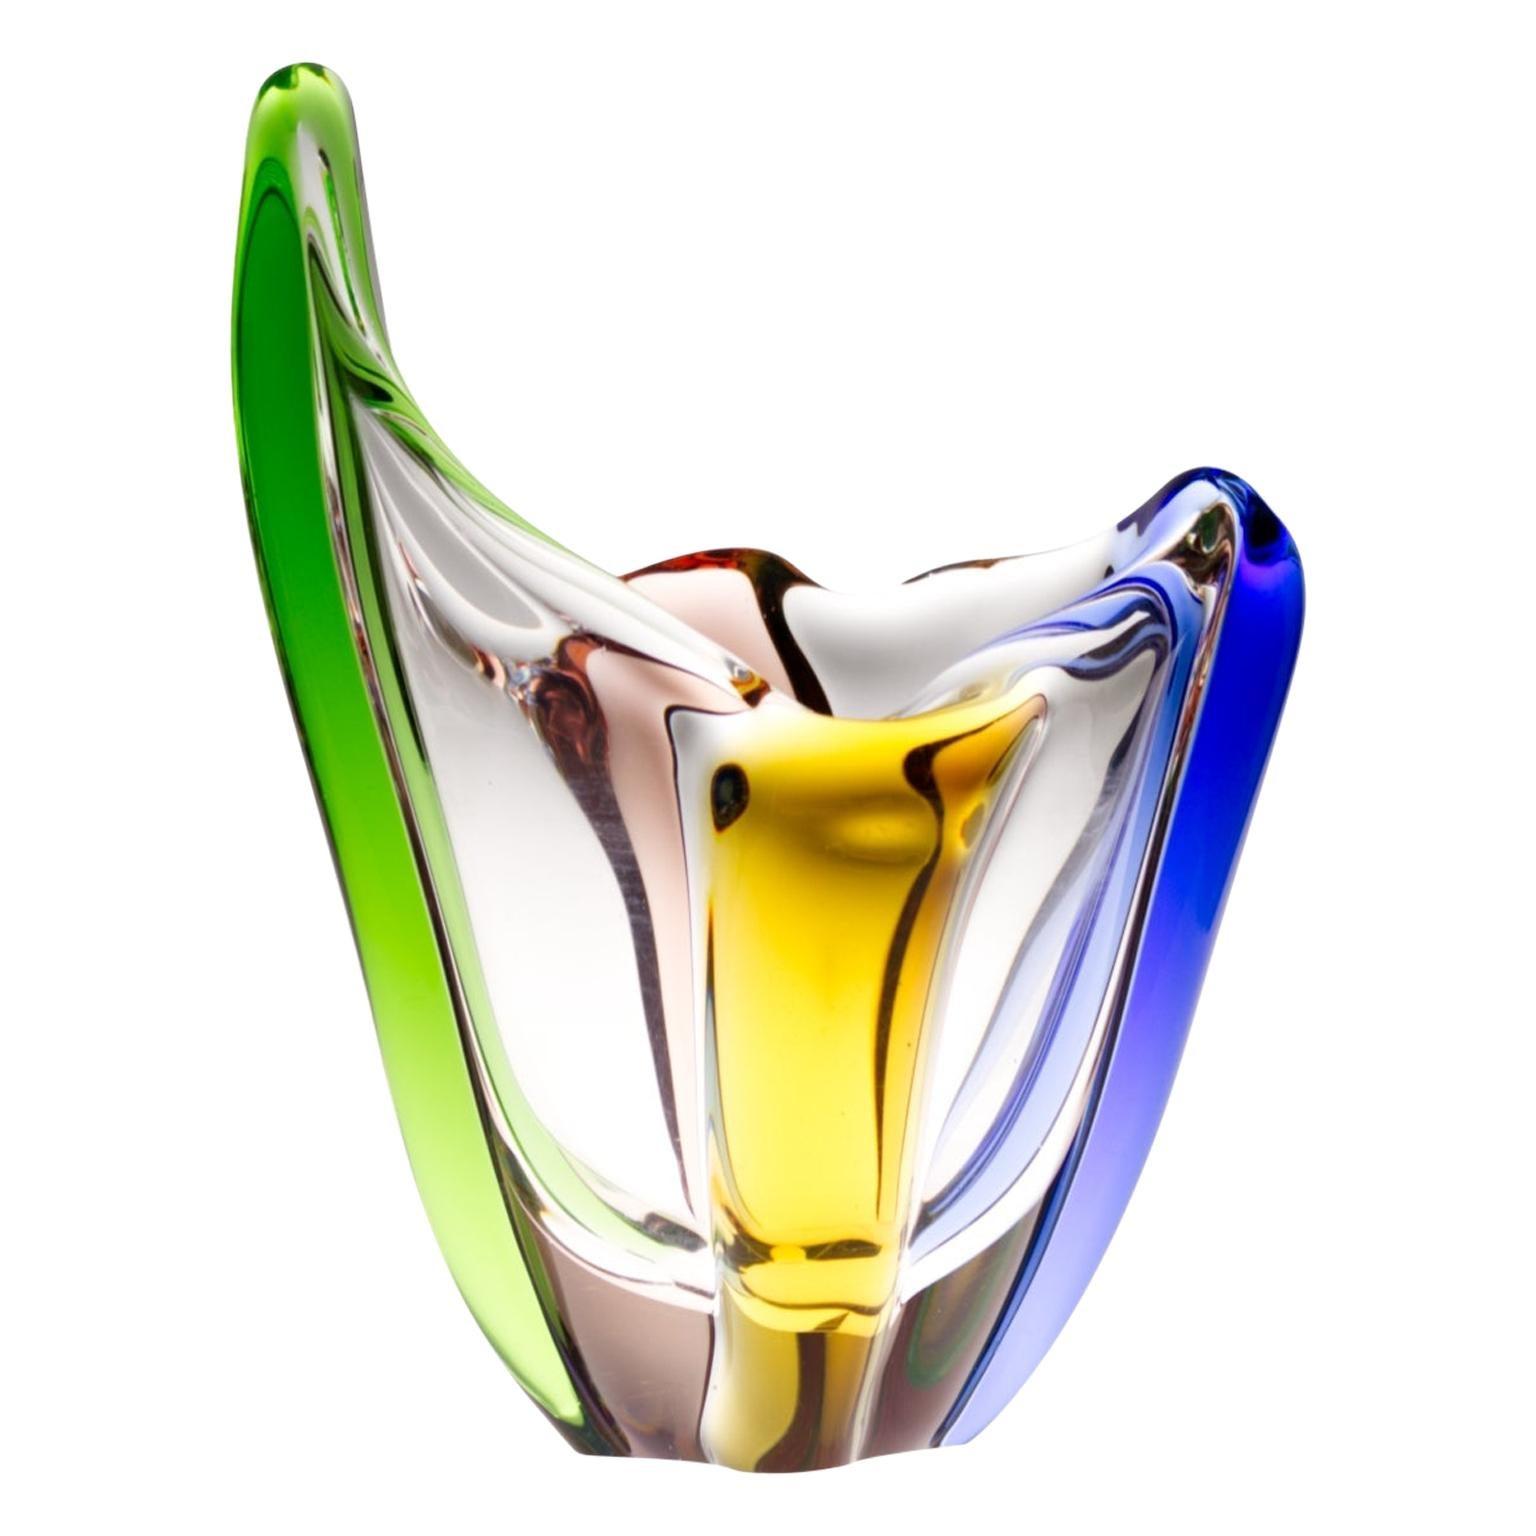 Mid Century Czech Art Glass Rhapsody Vase by Frantisek Zemek For Mstisov, 1950s